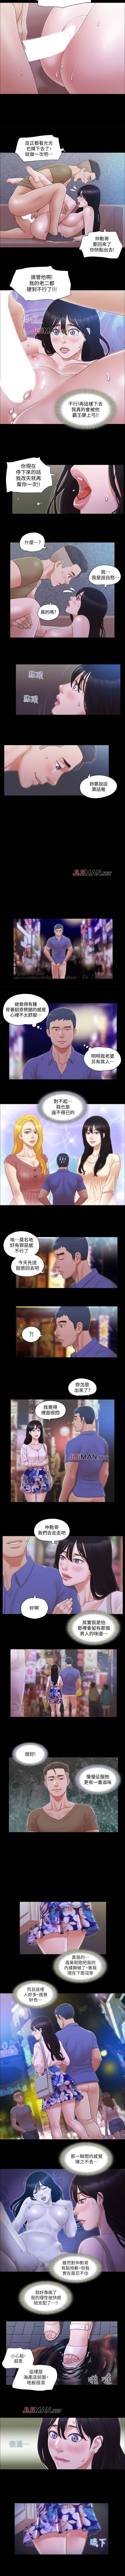 【周五连载】协议换爱(作者:遠德) 第1~62话 121